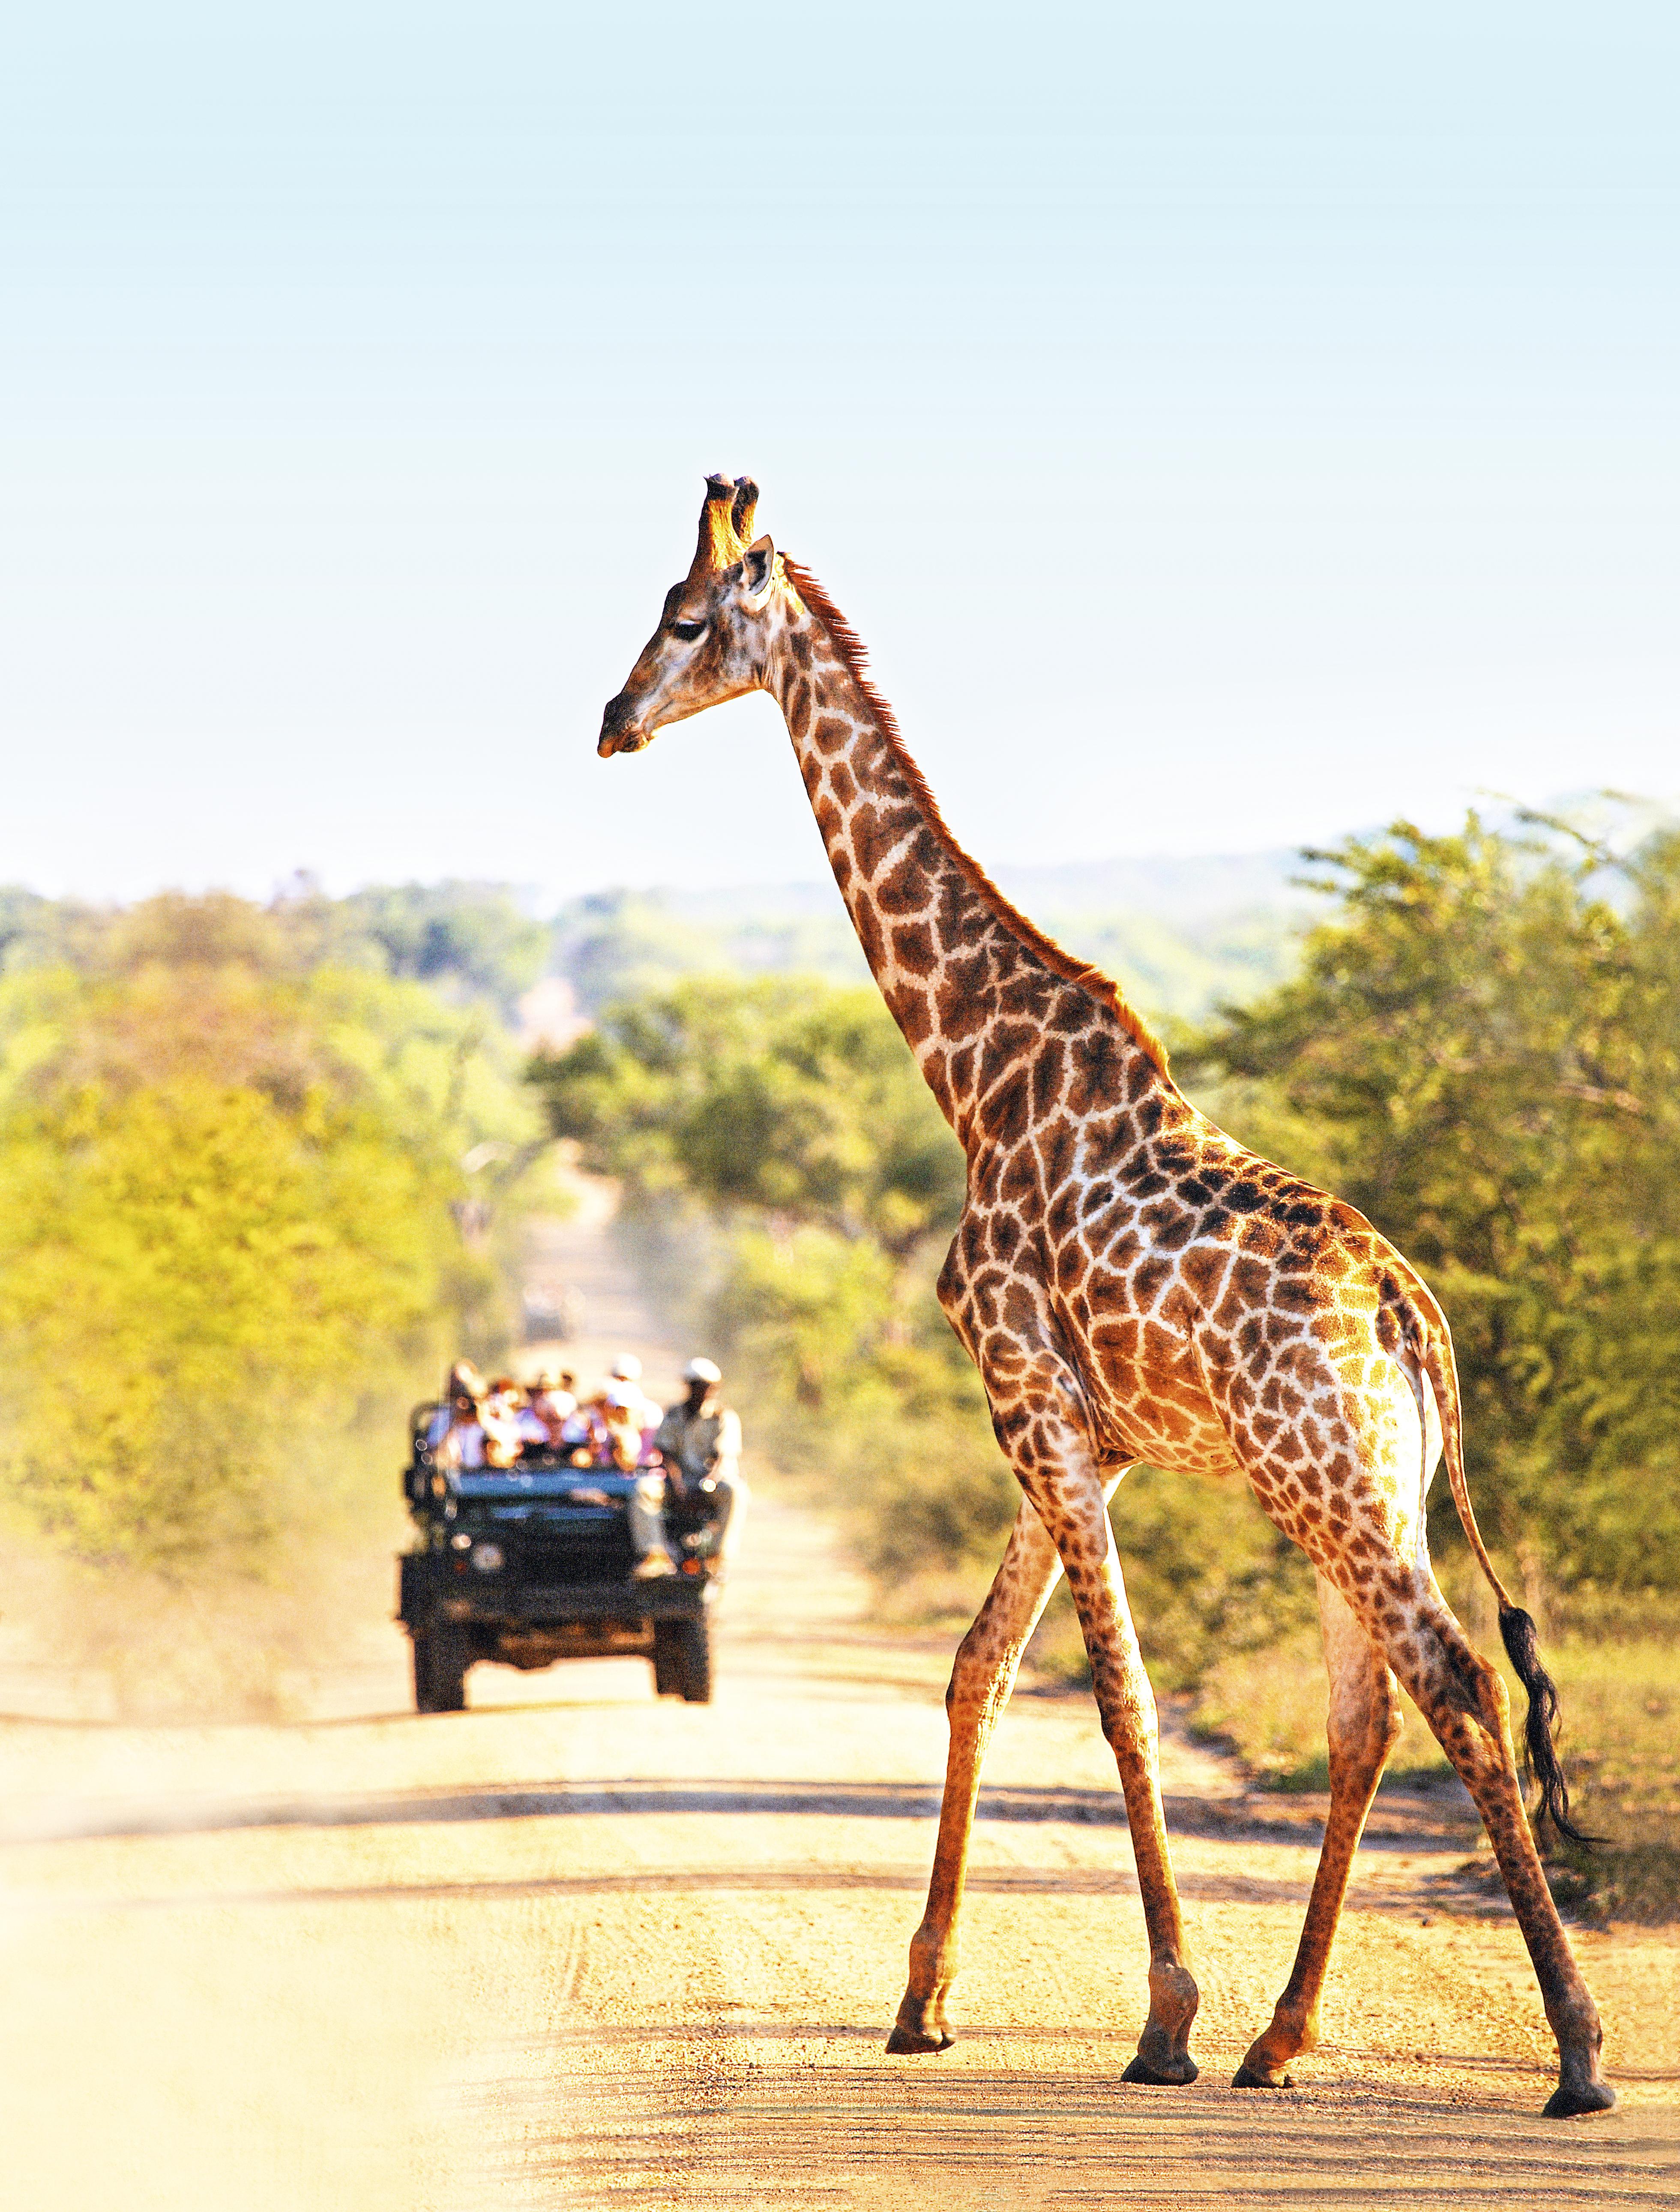 Girafa no Kruger National Park, África do Sul